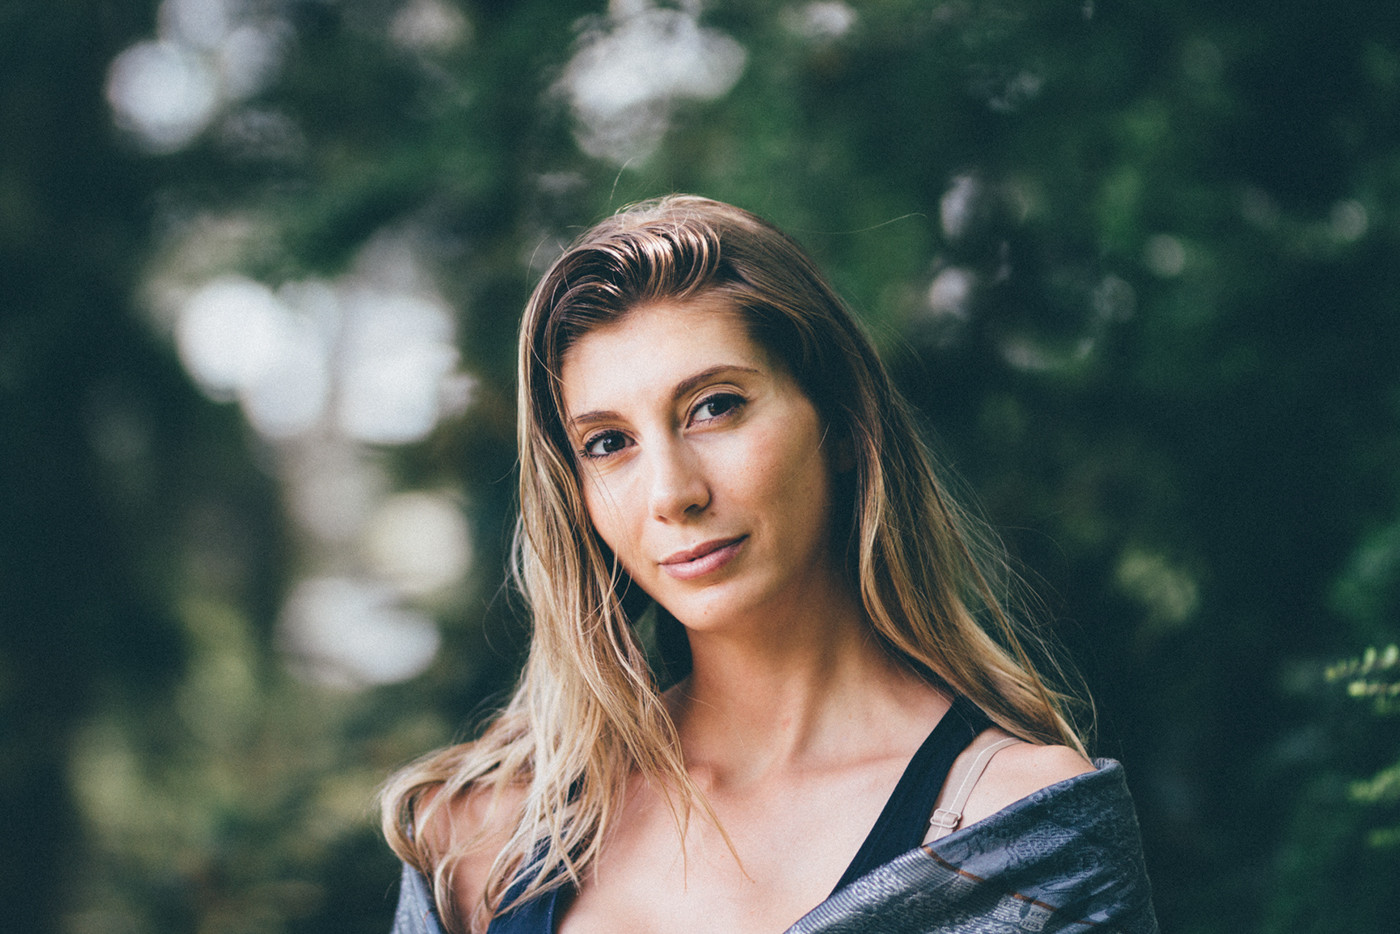 portrait portrait photography Natural Light vancouver Stanley Park west coast beauty headshot